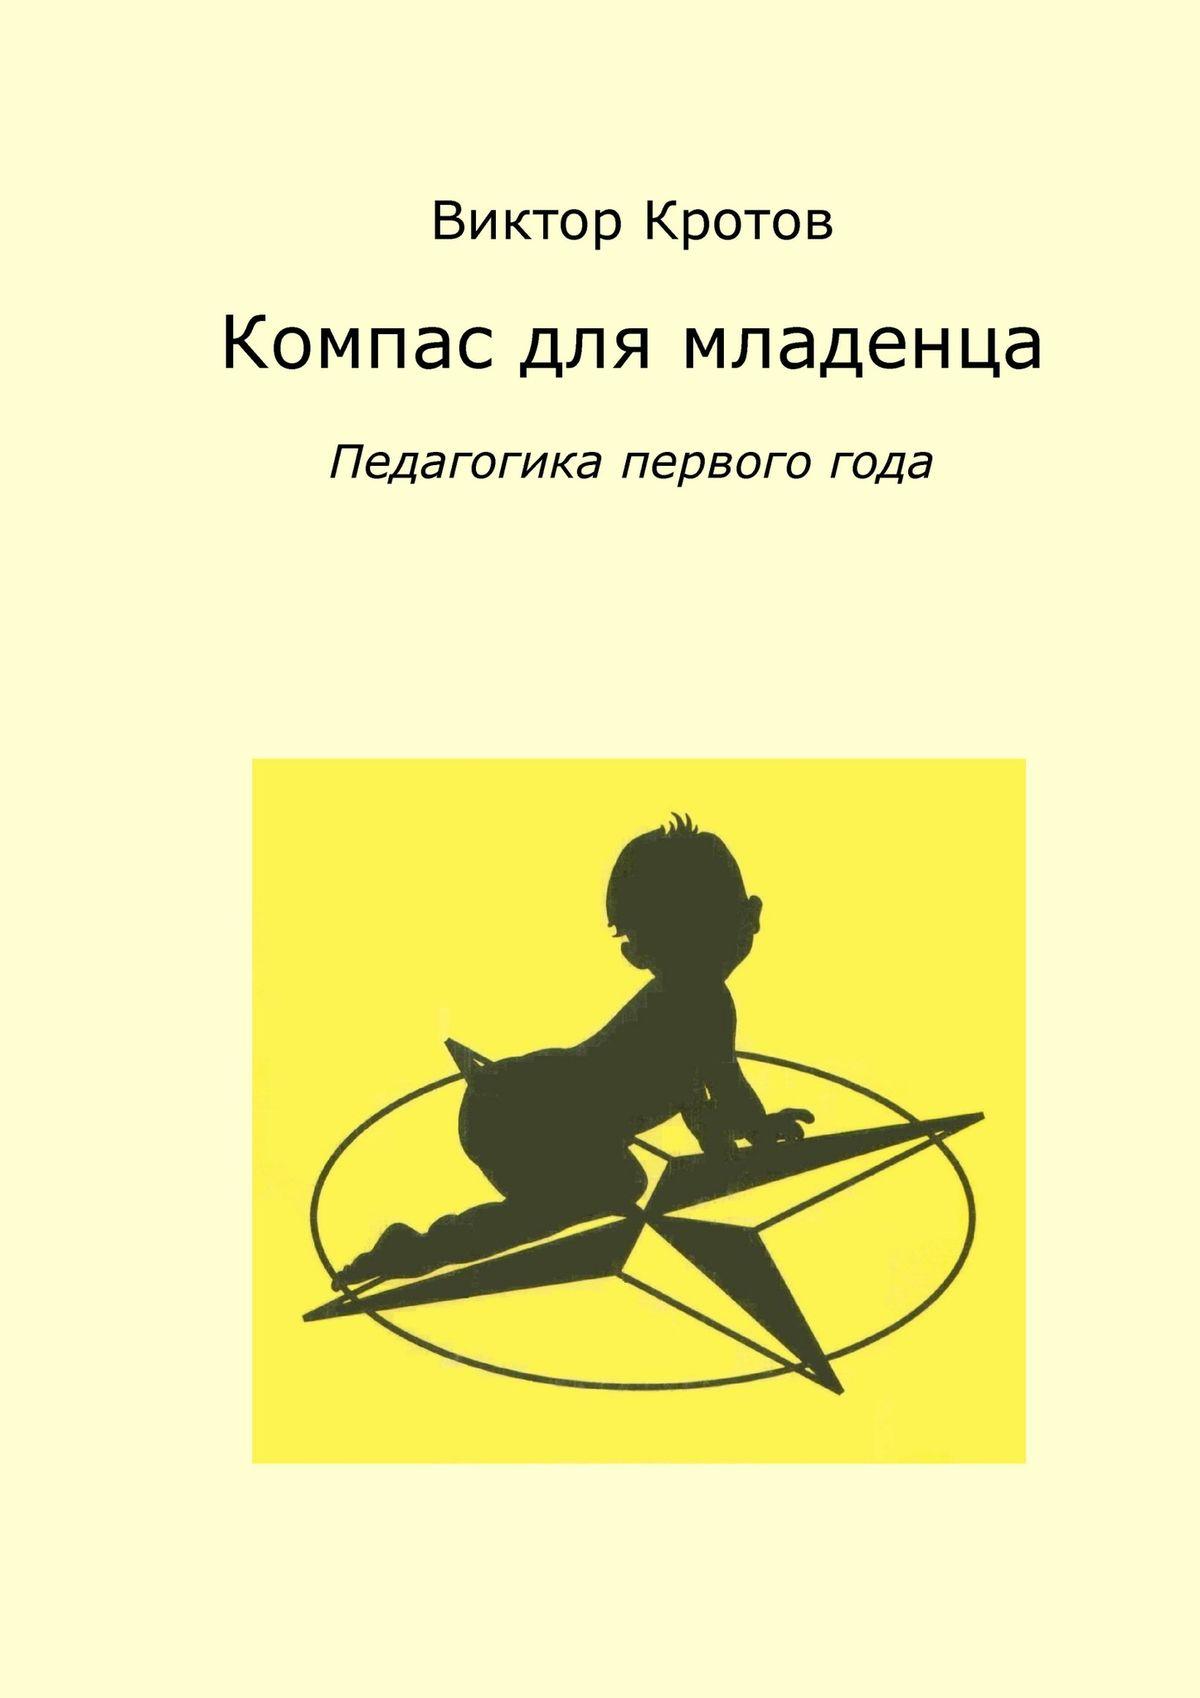 Виктор Кротов Компас для младенца. Педагогика первого года виктор кротов сказочная педагогика часть вторая проблемы взаимоотношений